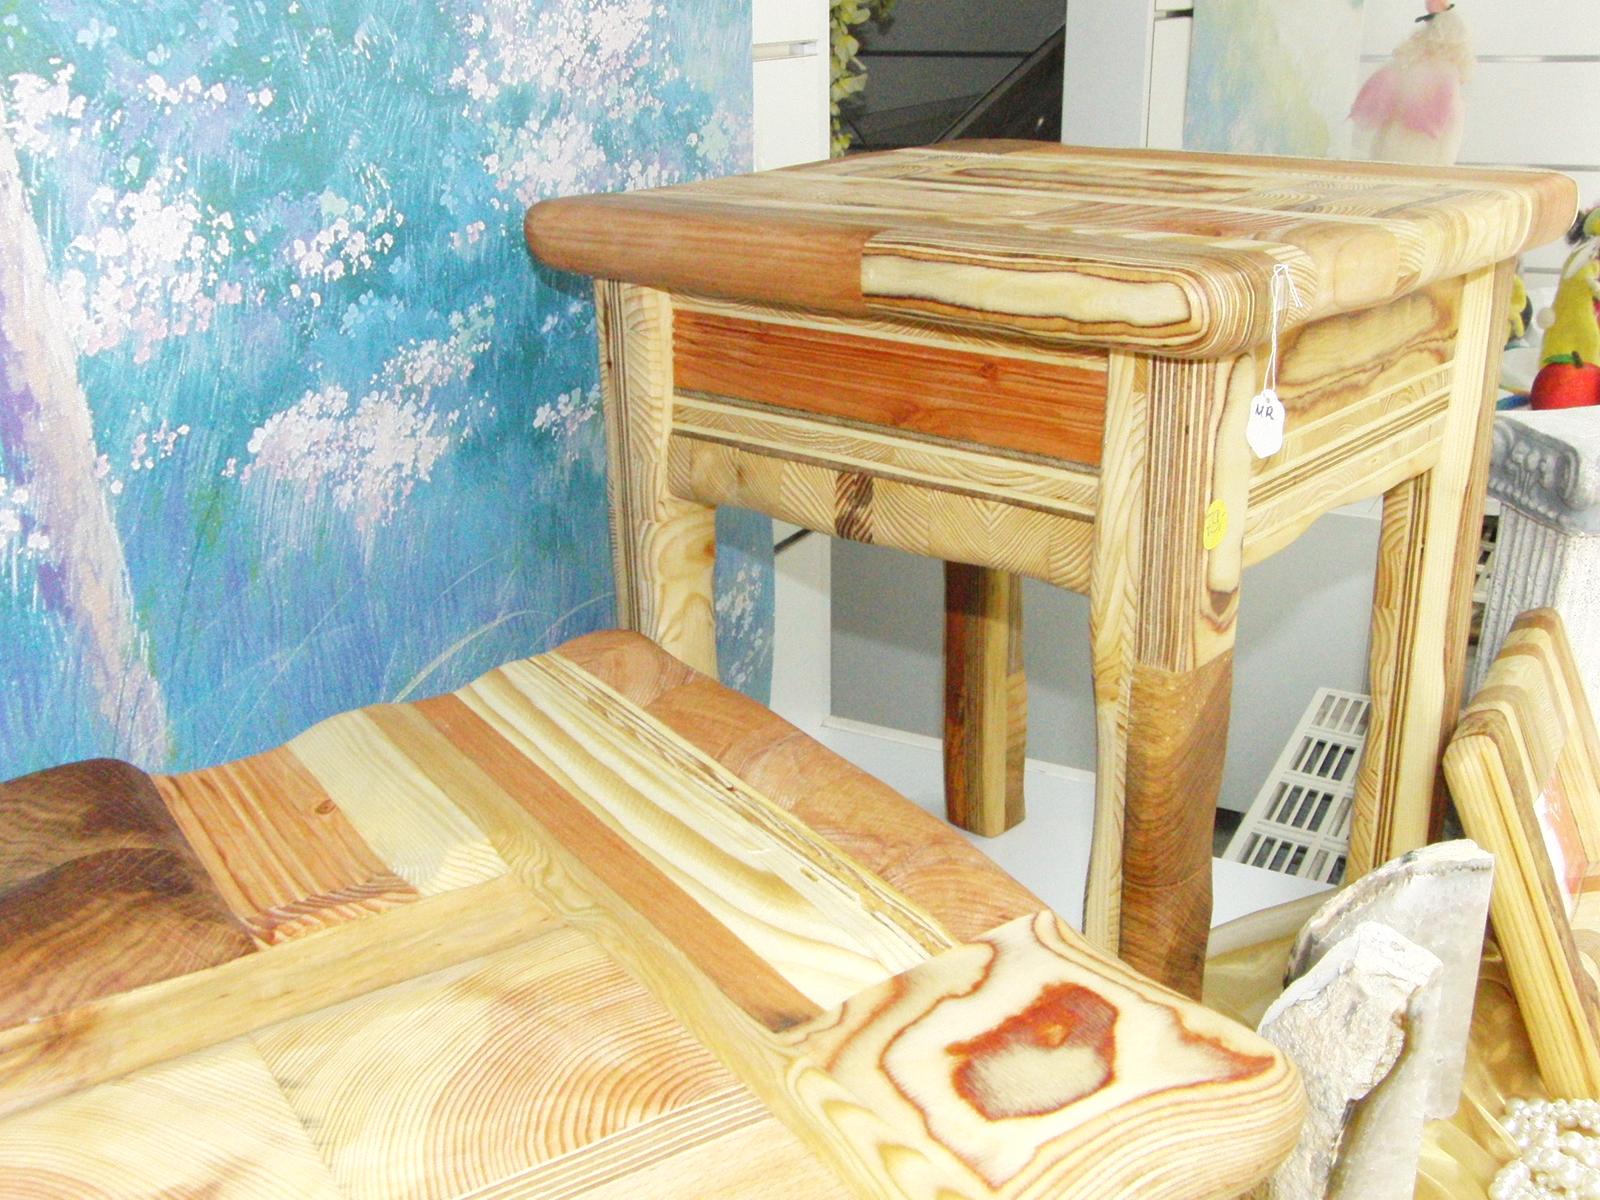 Handgefertigte Hocker und Holzwaren